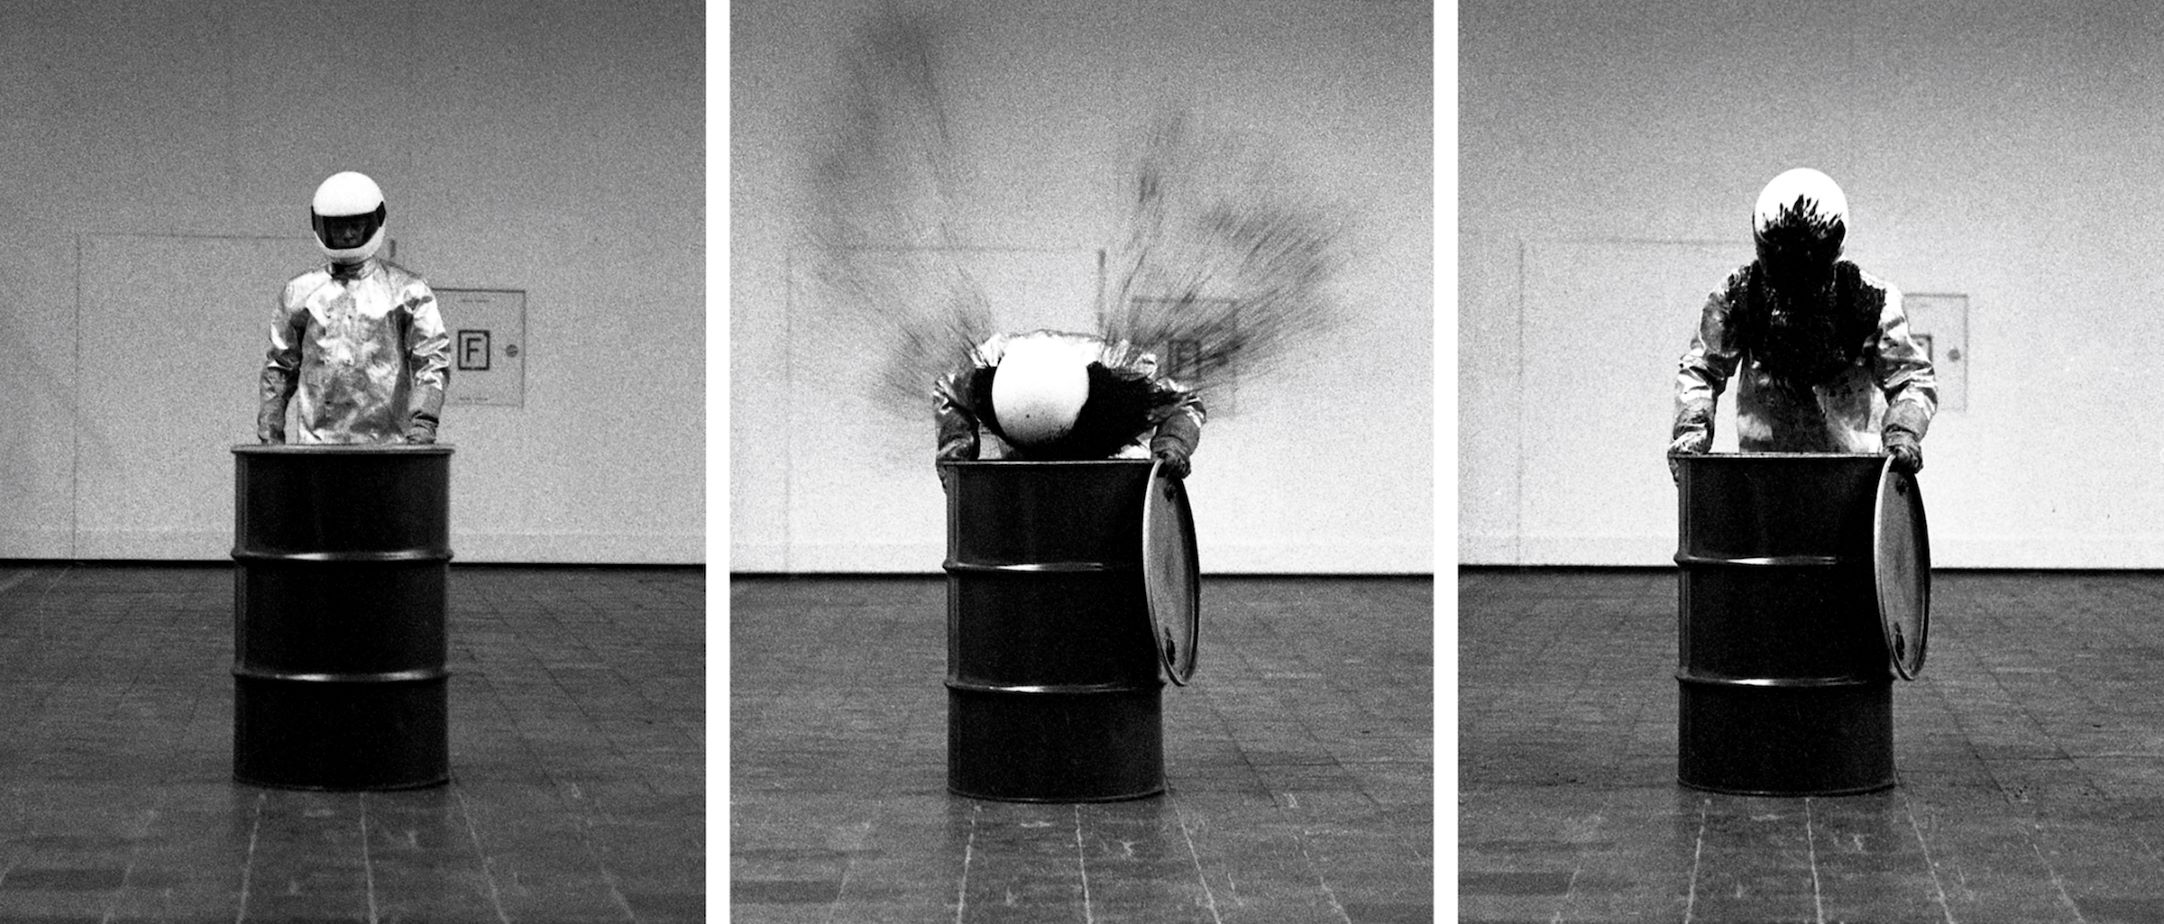 Ripartire dalle Fondamenta, il nuovo progetto online di Artissima con 194 gallerie per 194 artisti